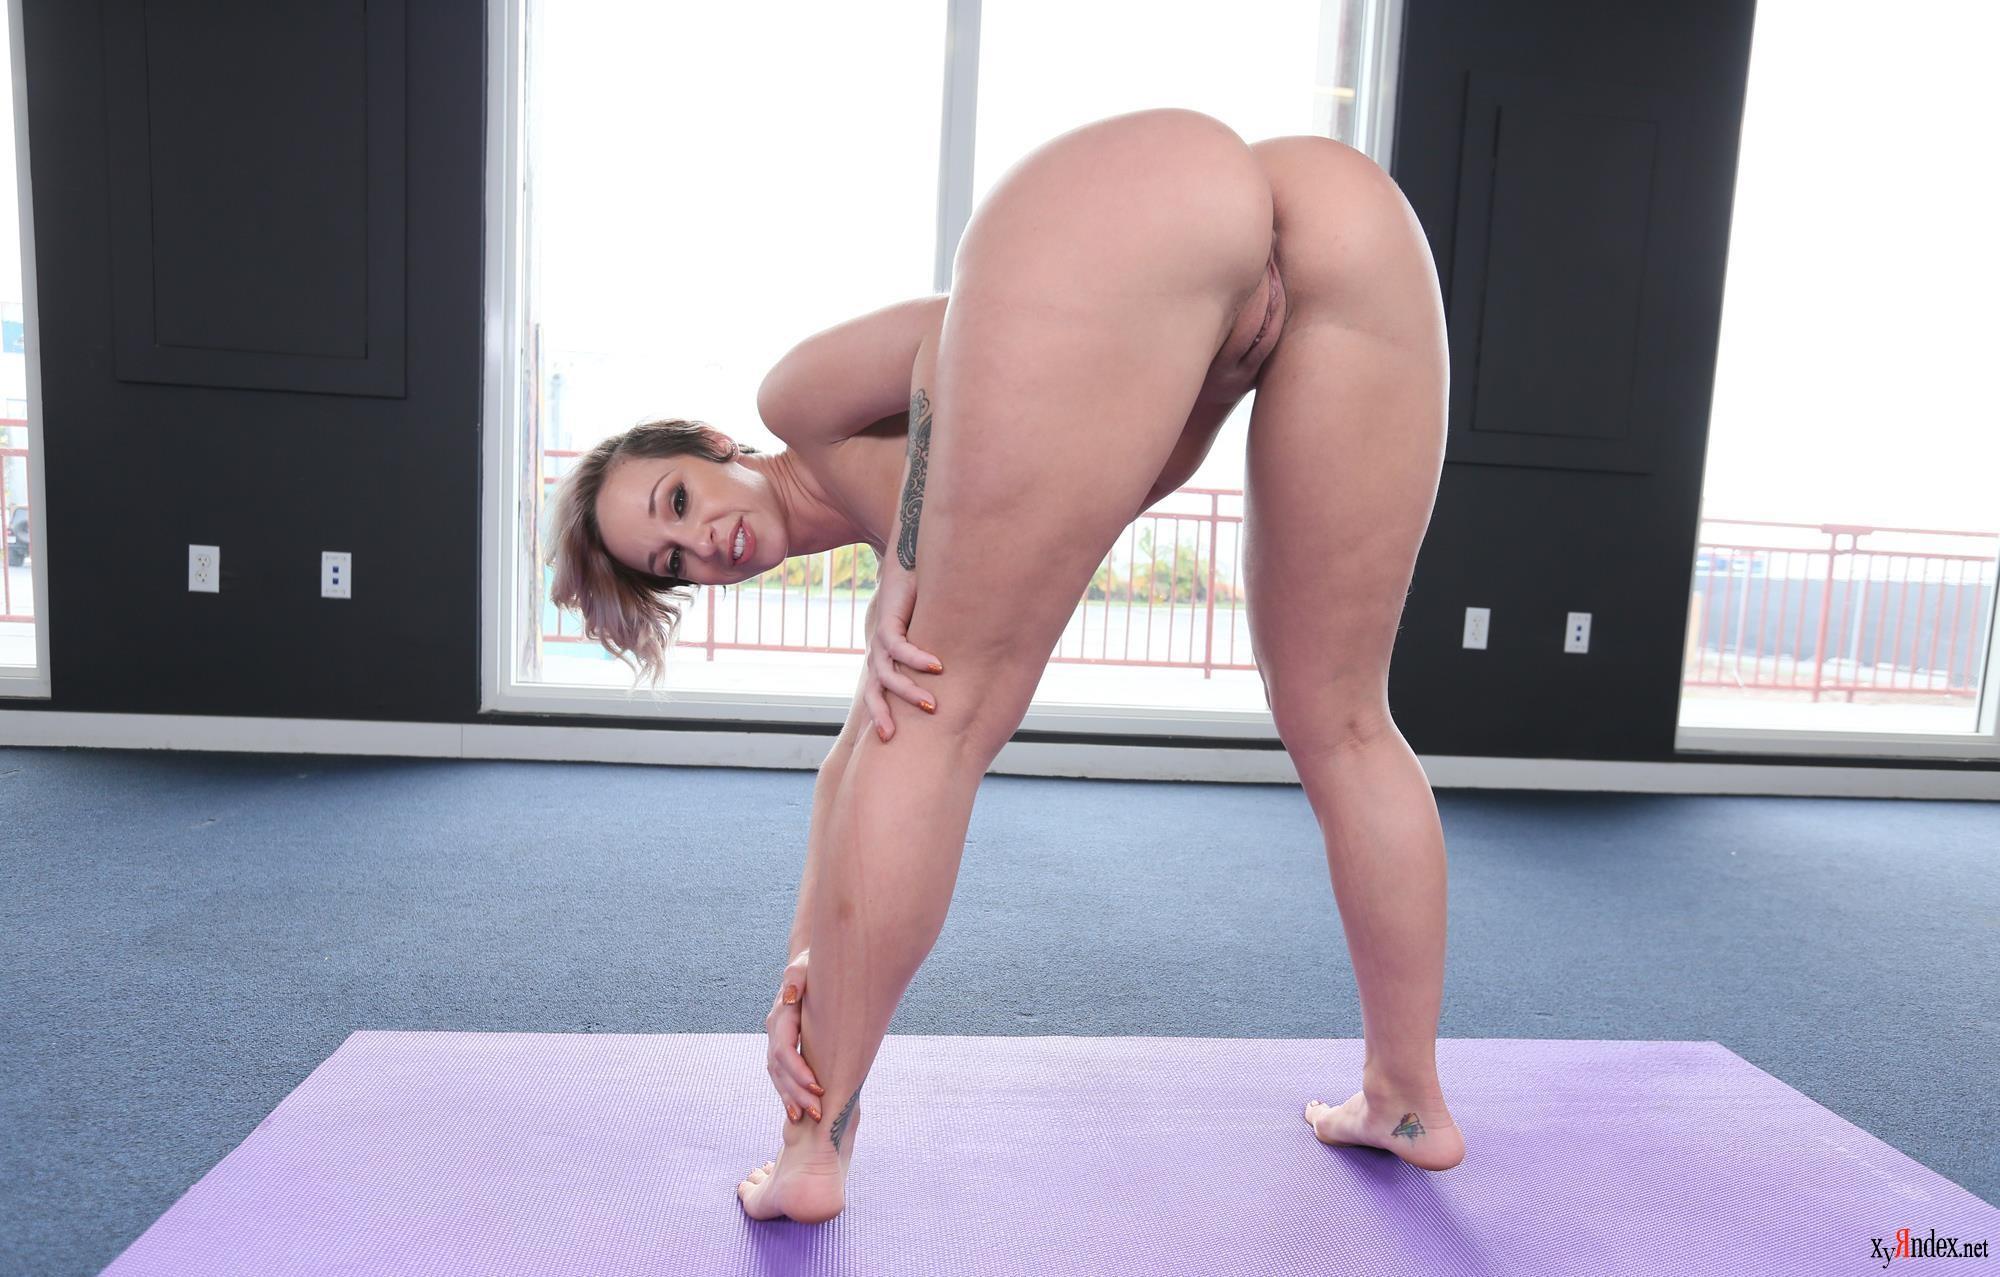 Watch Yoga Butt